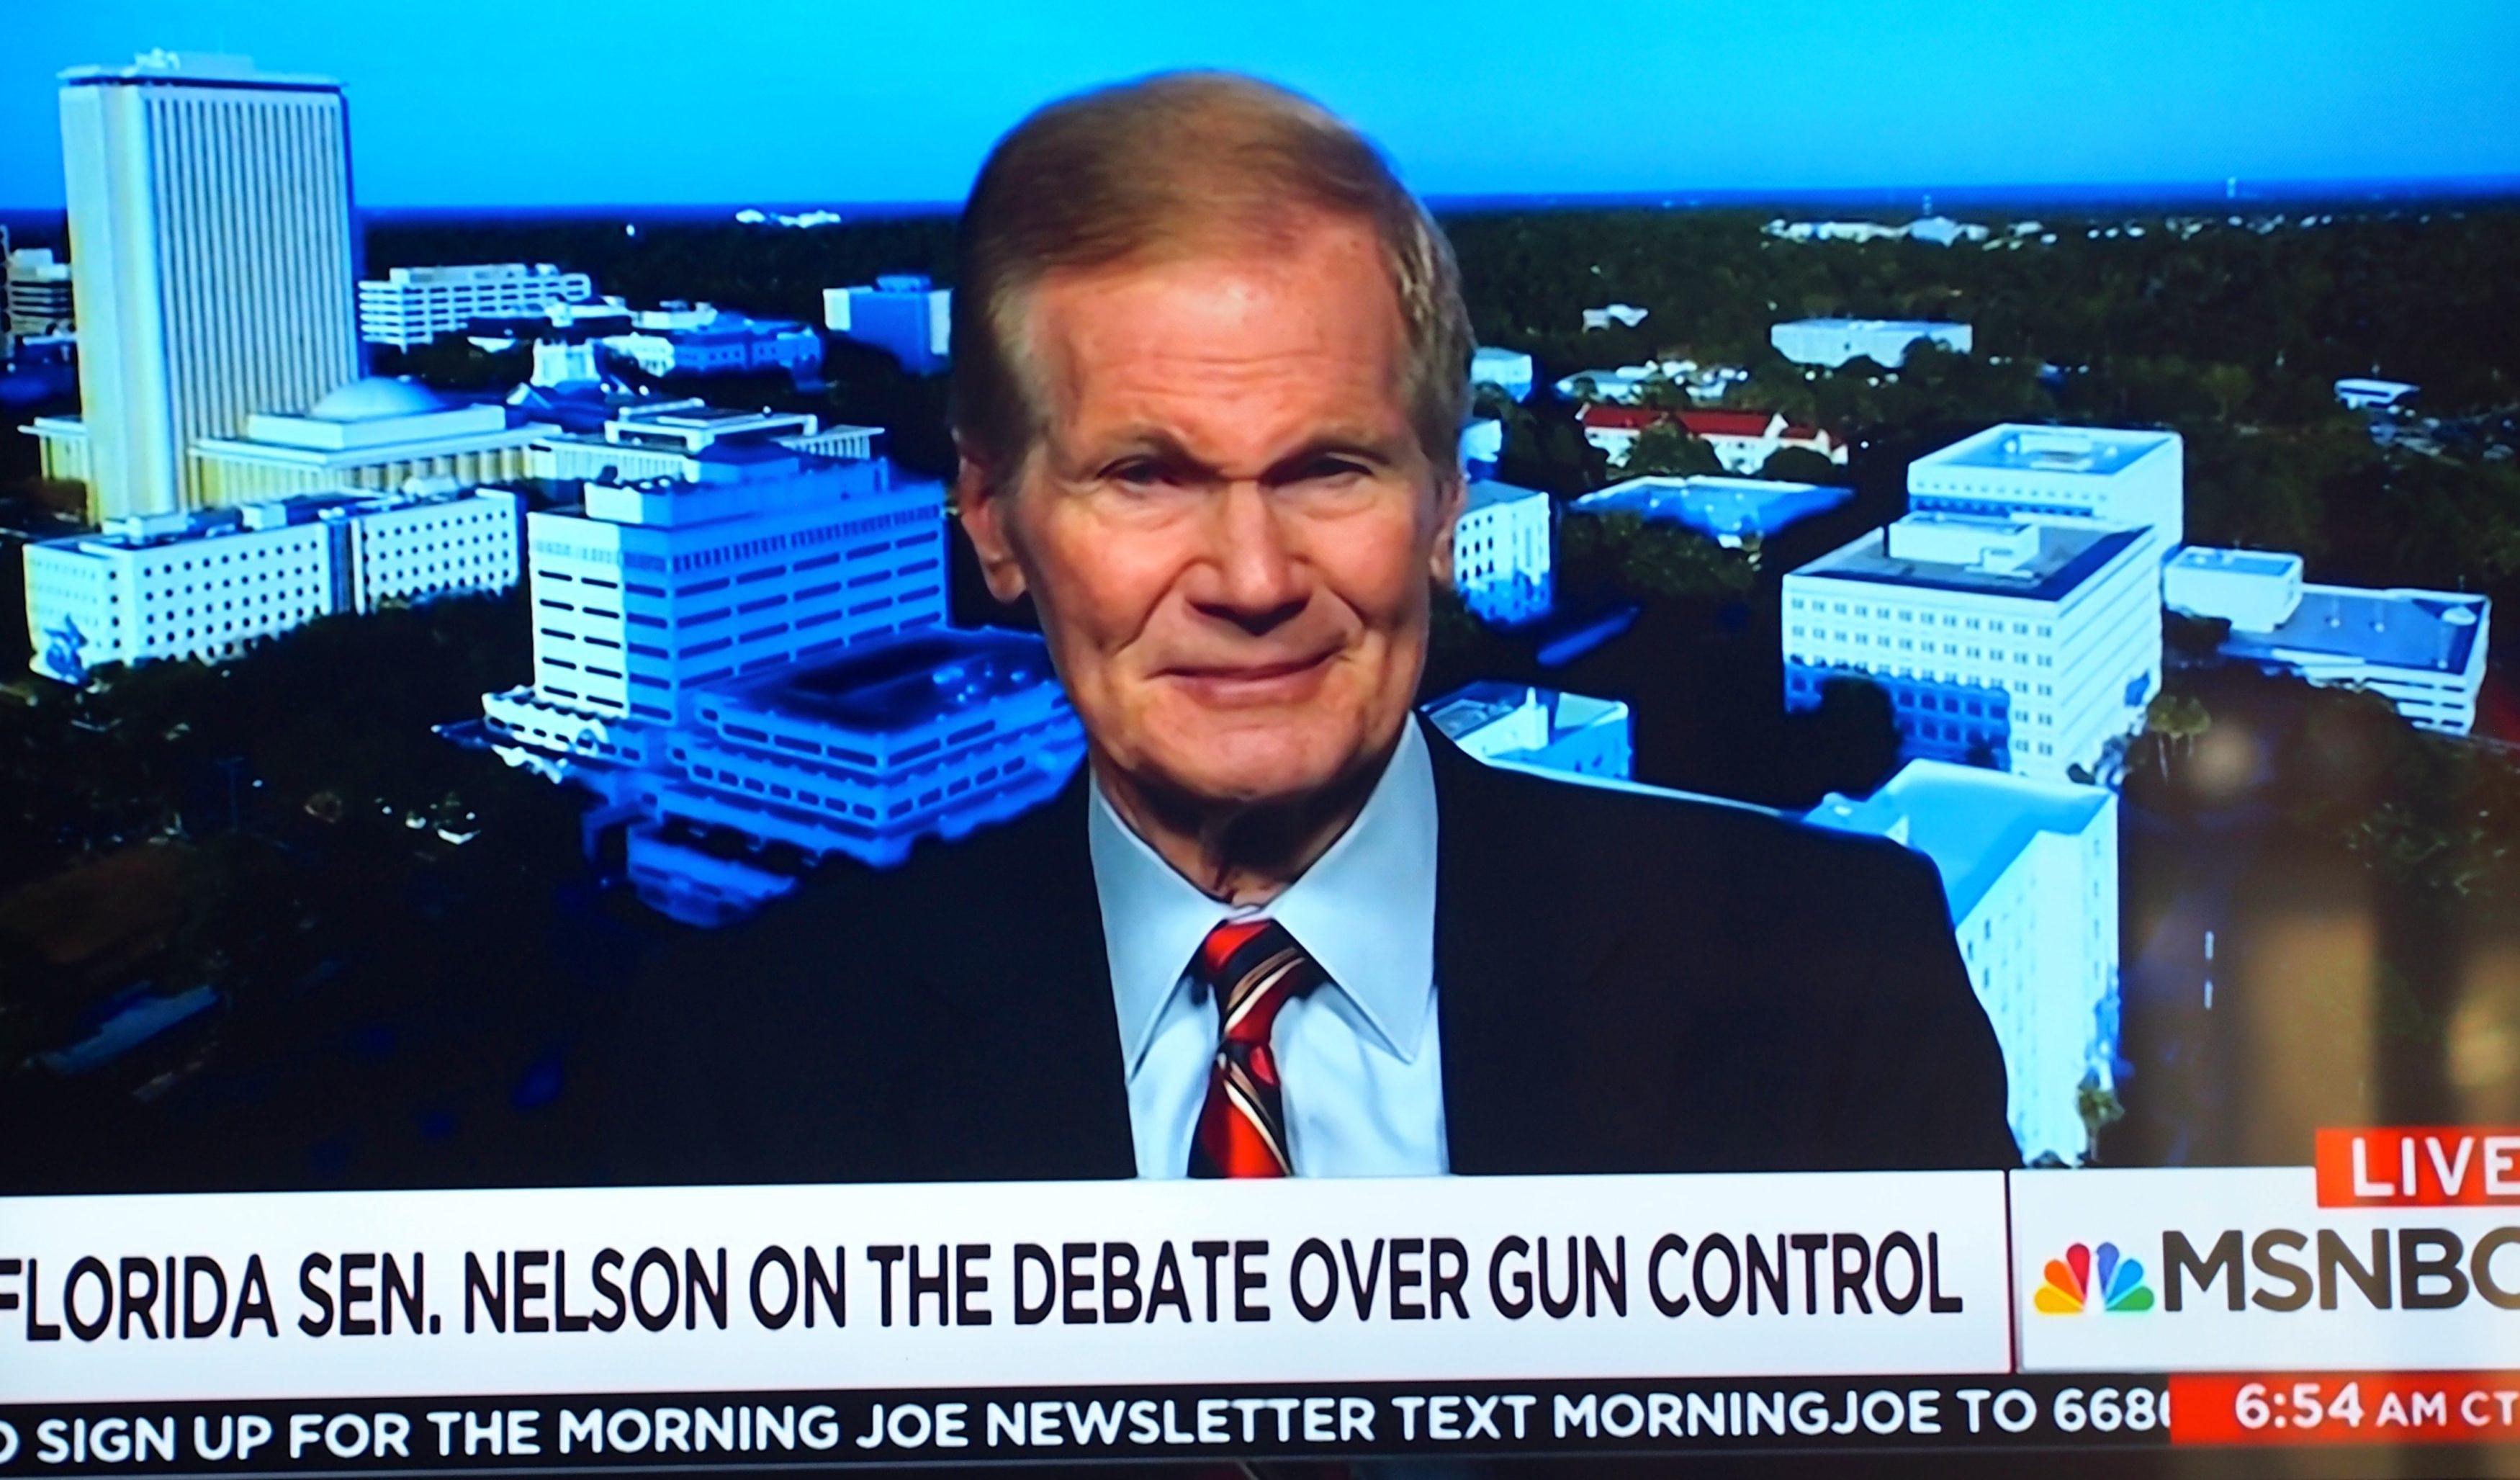 Bill-Nelson-on-Morning-Joe-3500x2055.jpg